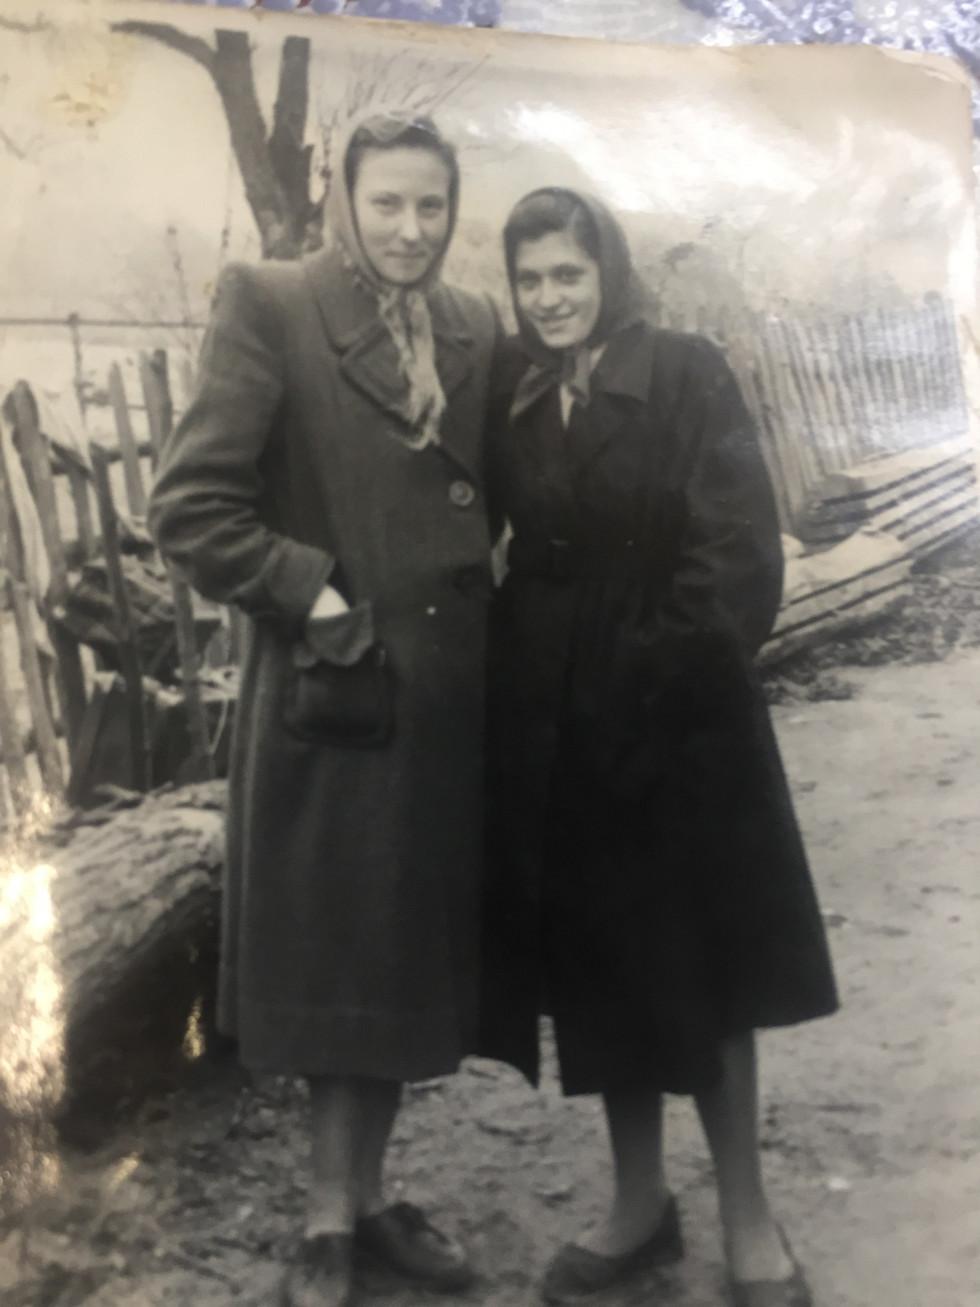 Ніна Томюк (Зліва) з подругою. Під час навчання у Володимир-Волинській школі бухгалтерів. 1962 р.